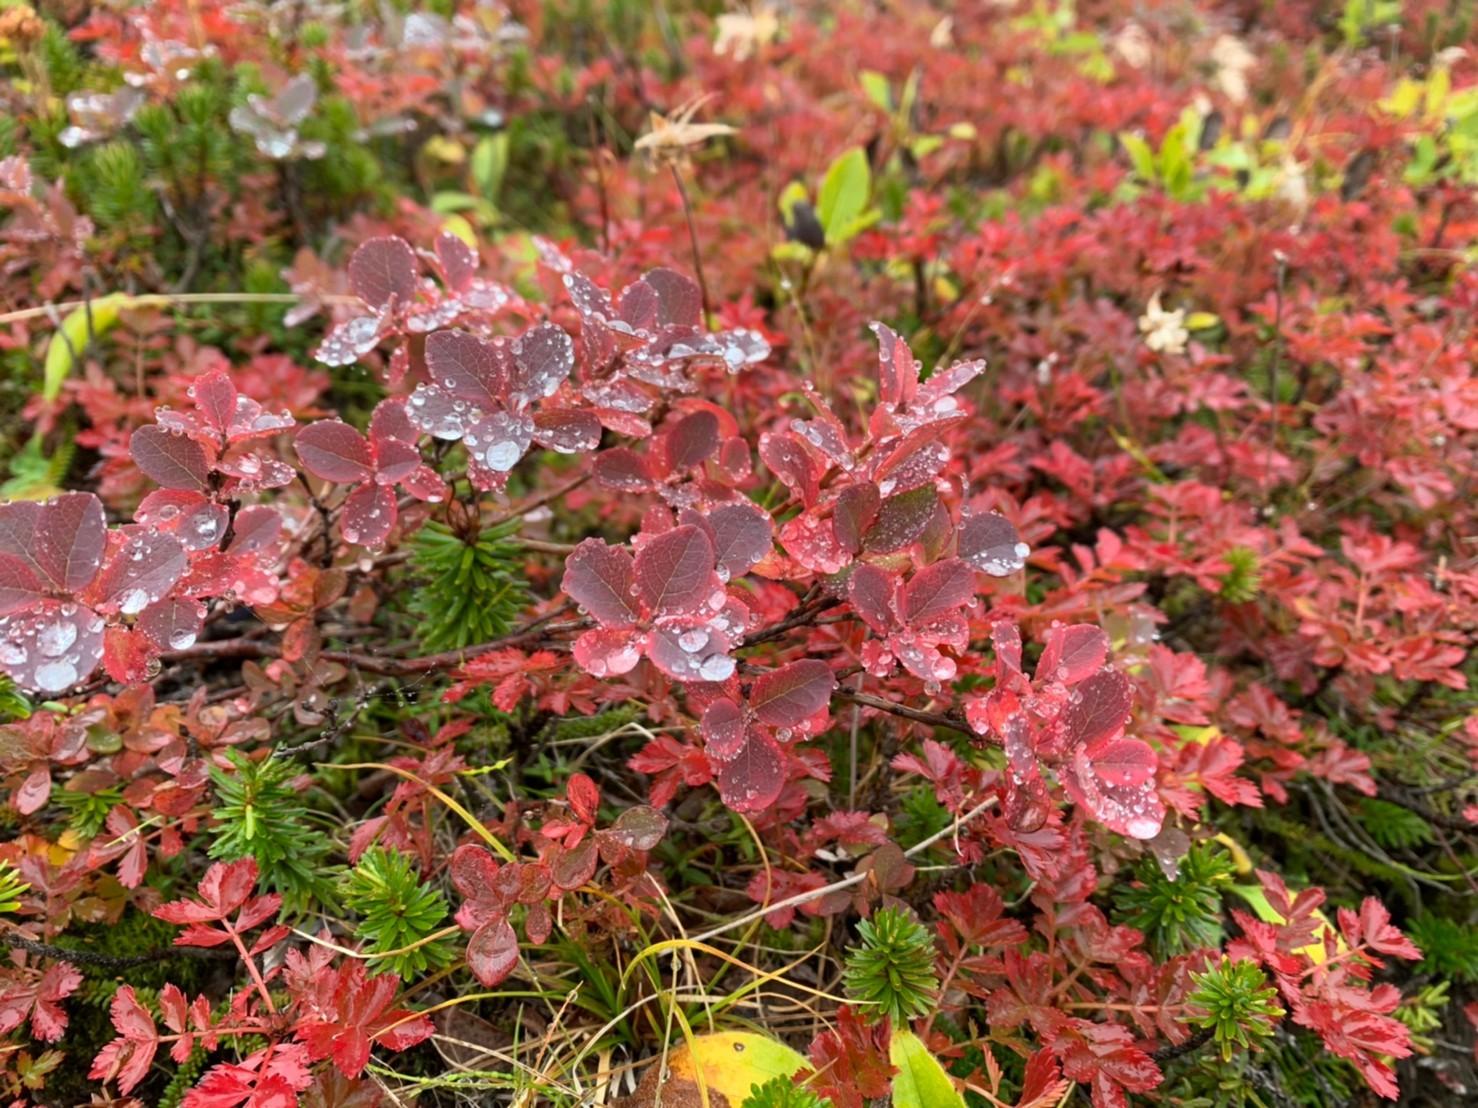 日本一早い紅葉を見に赤岳へ。奇跡のナッキーに会えました♪_d0198793_12504332.jpg